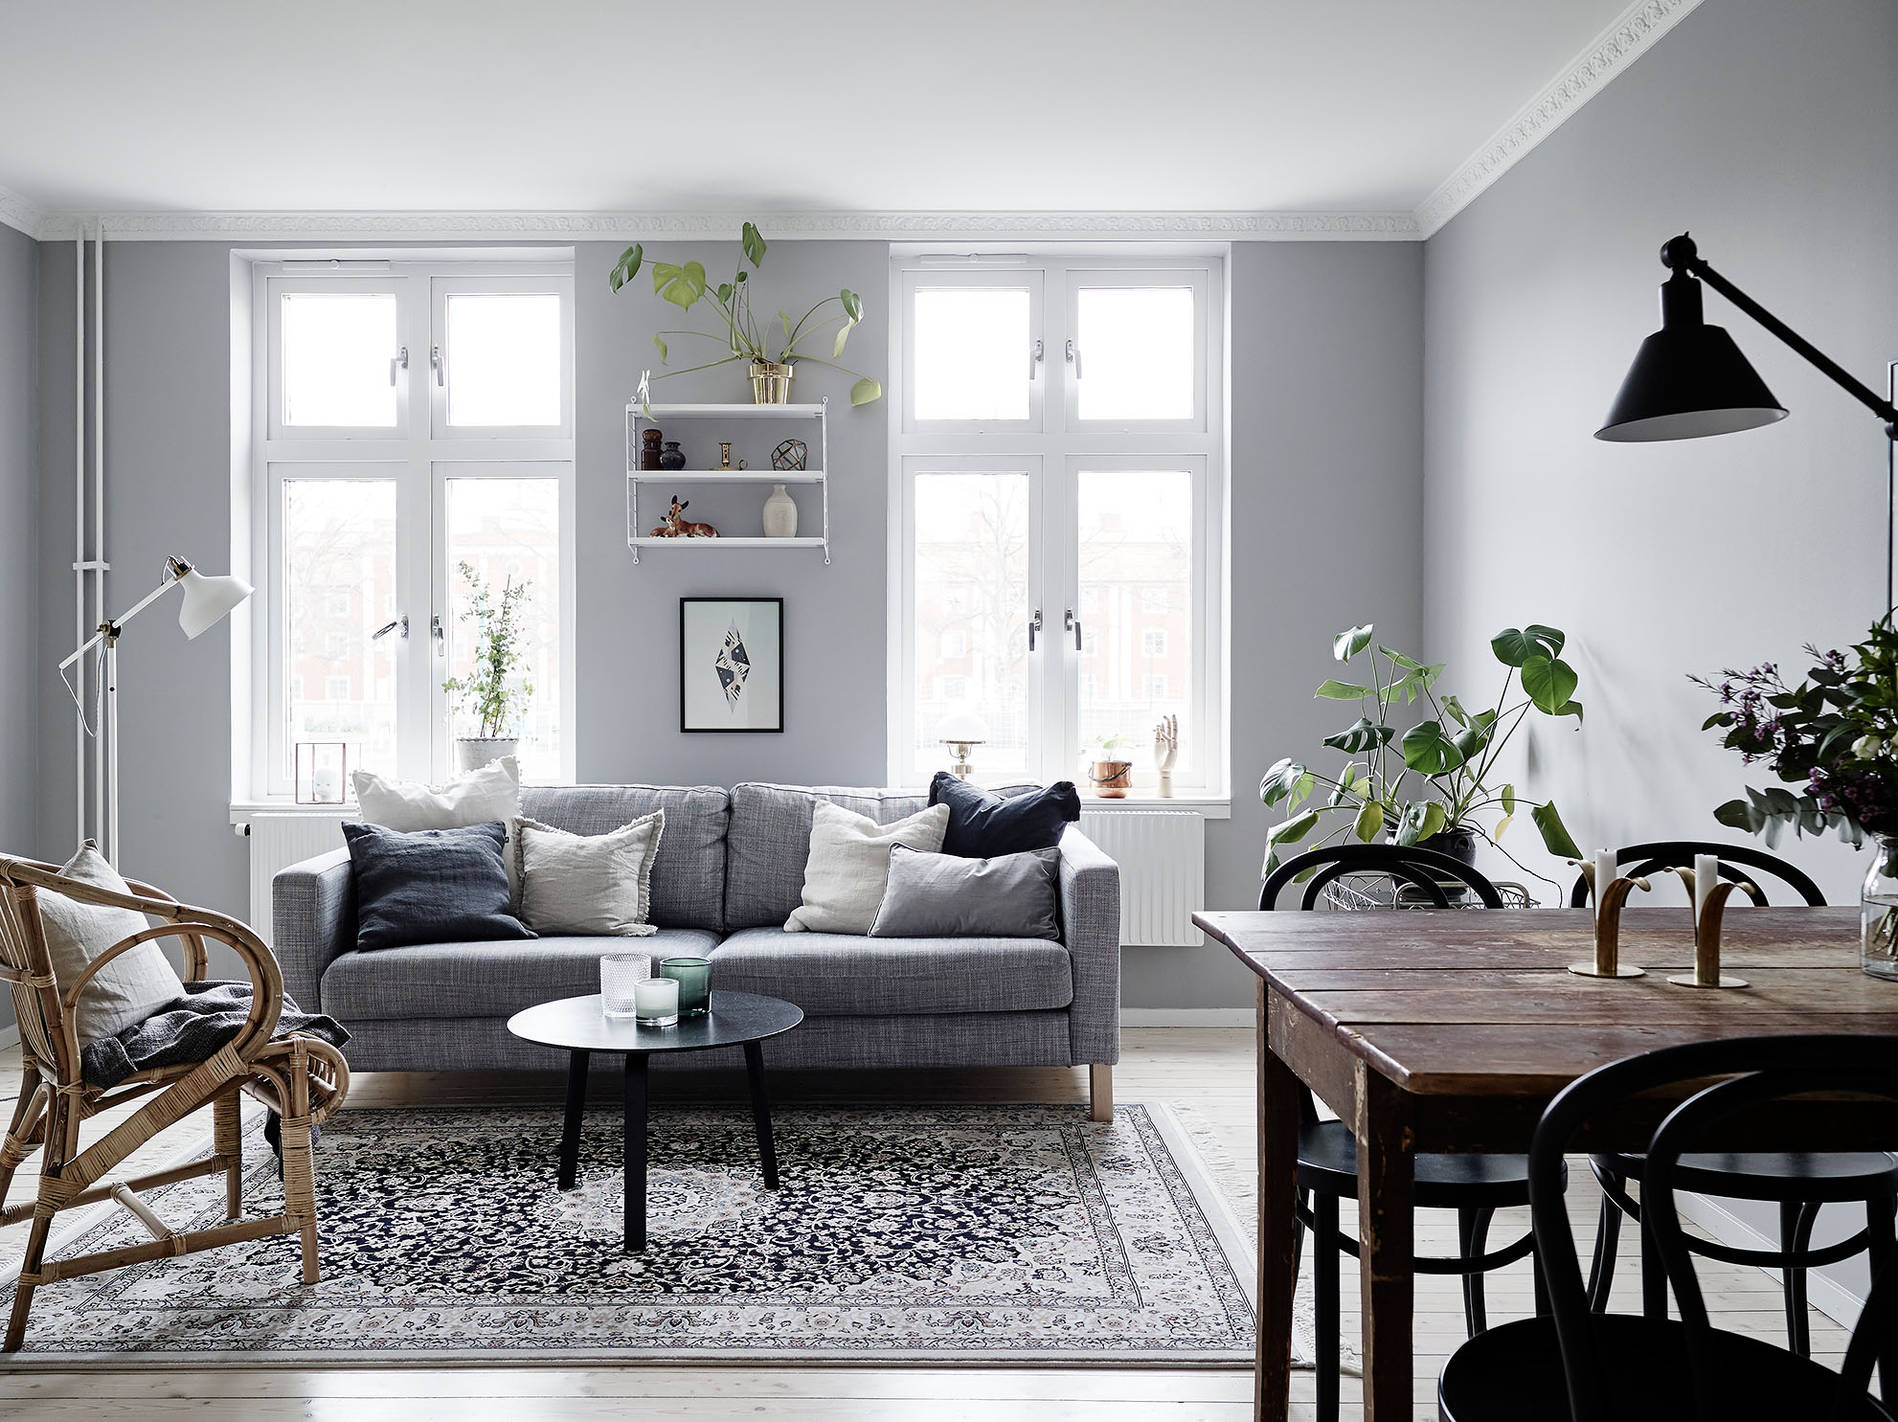 apartamento de estilo nordico II